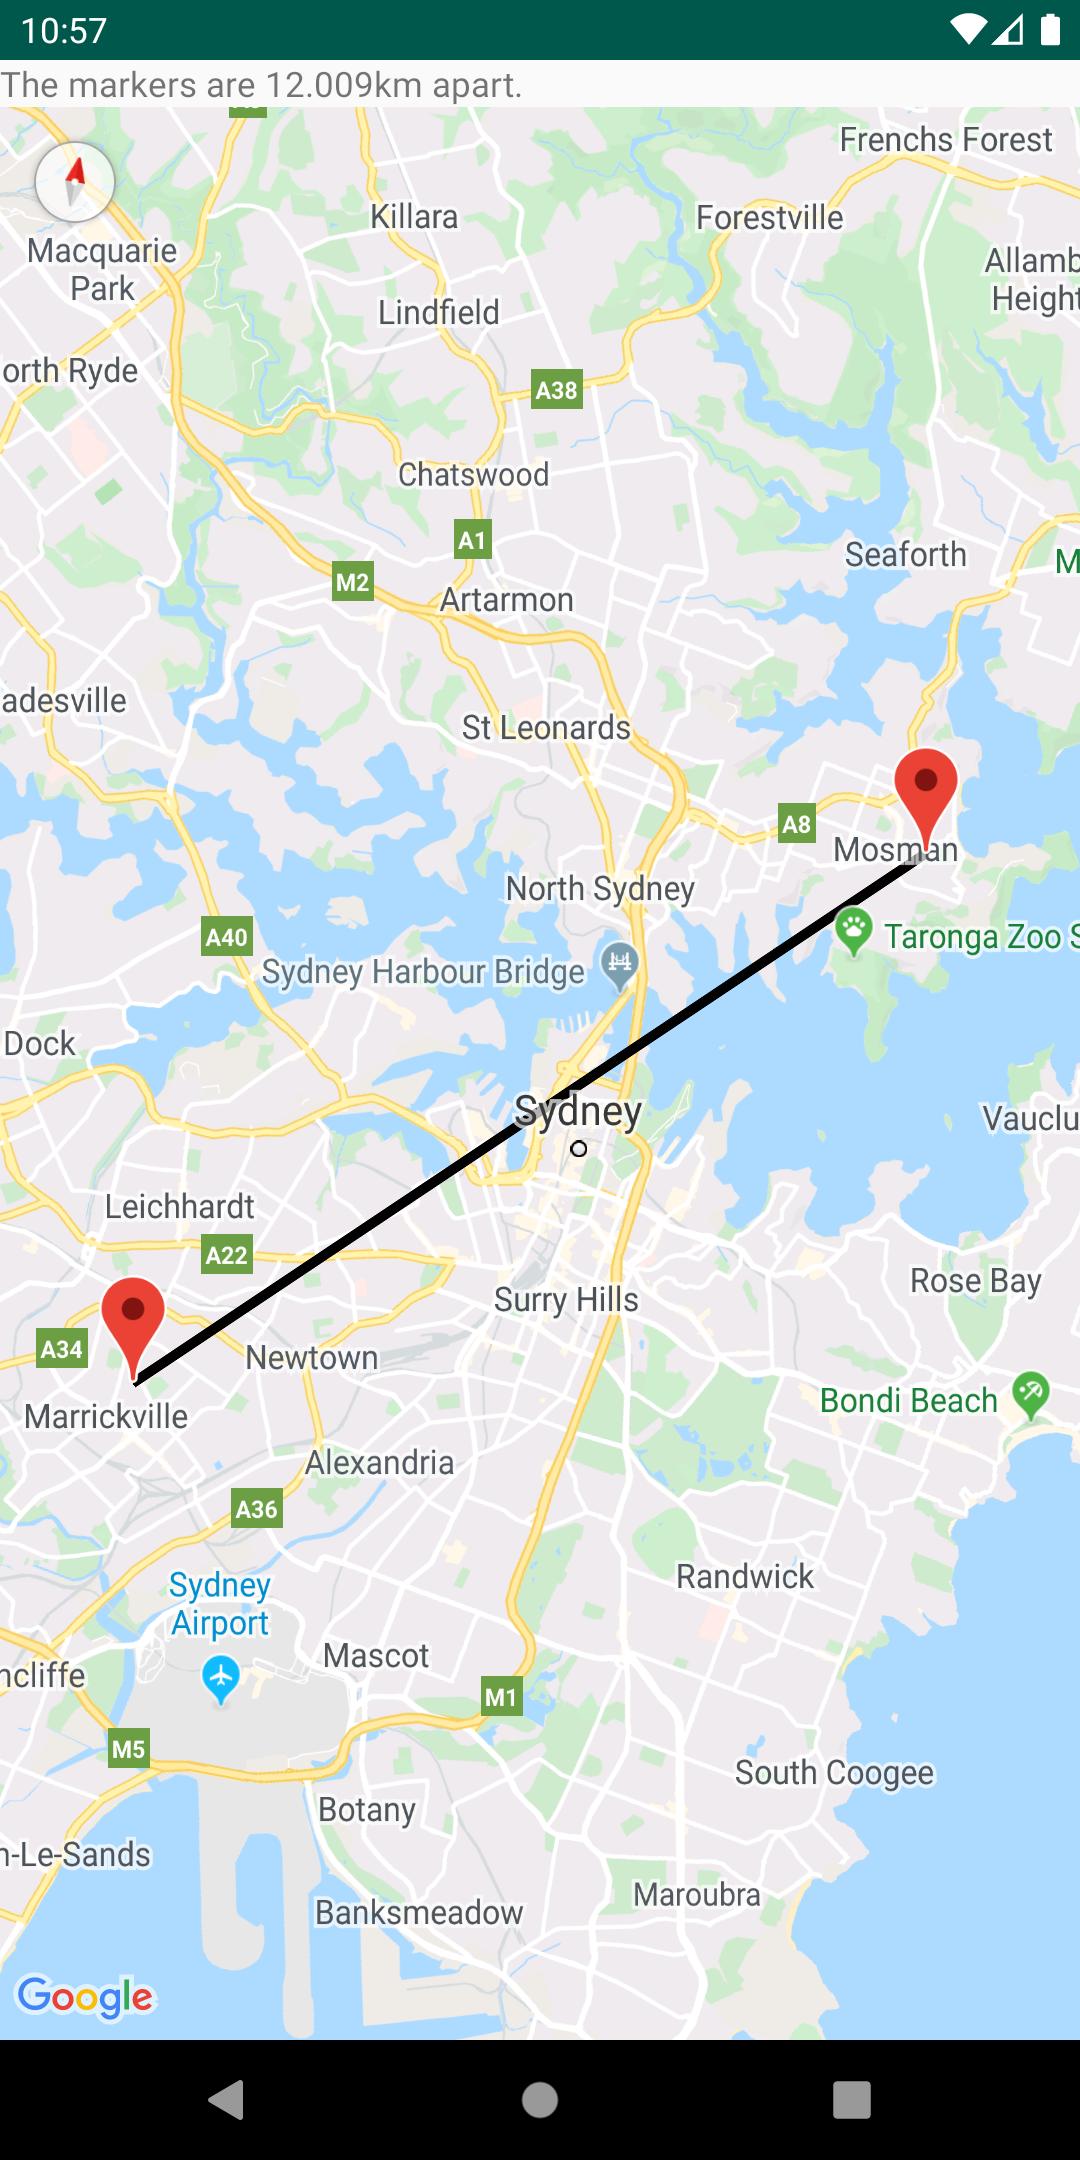 Berechnete Entfernung zwischen zwei Punkten auf einer Karte